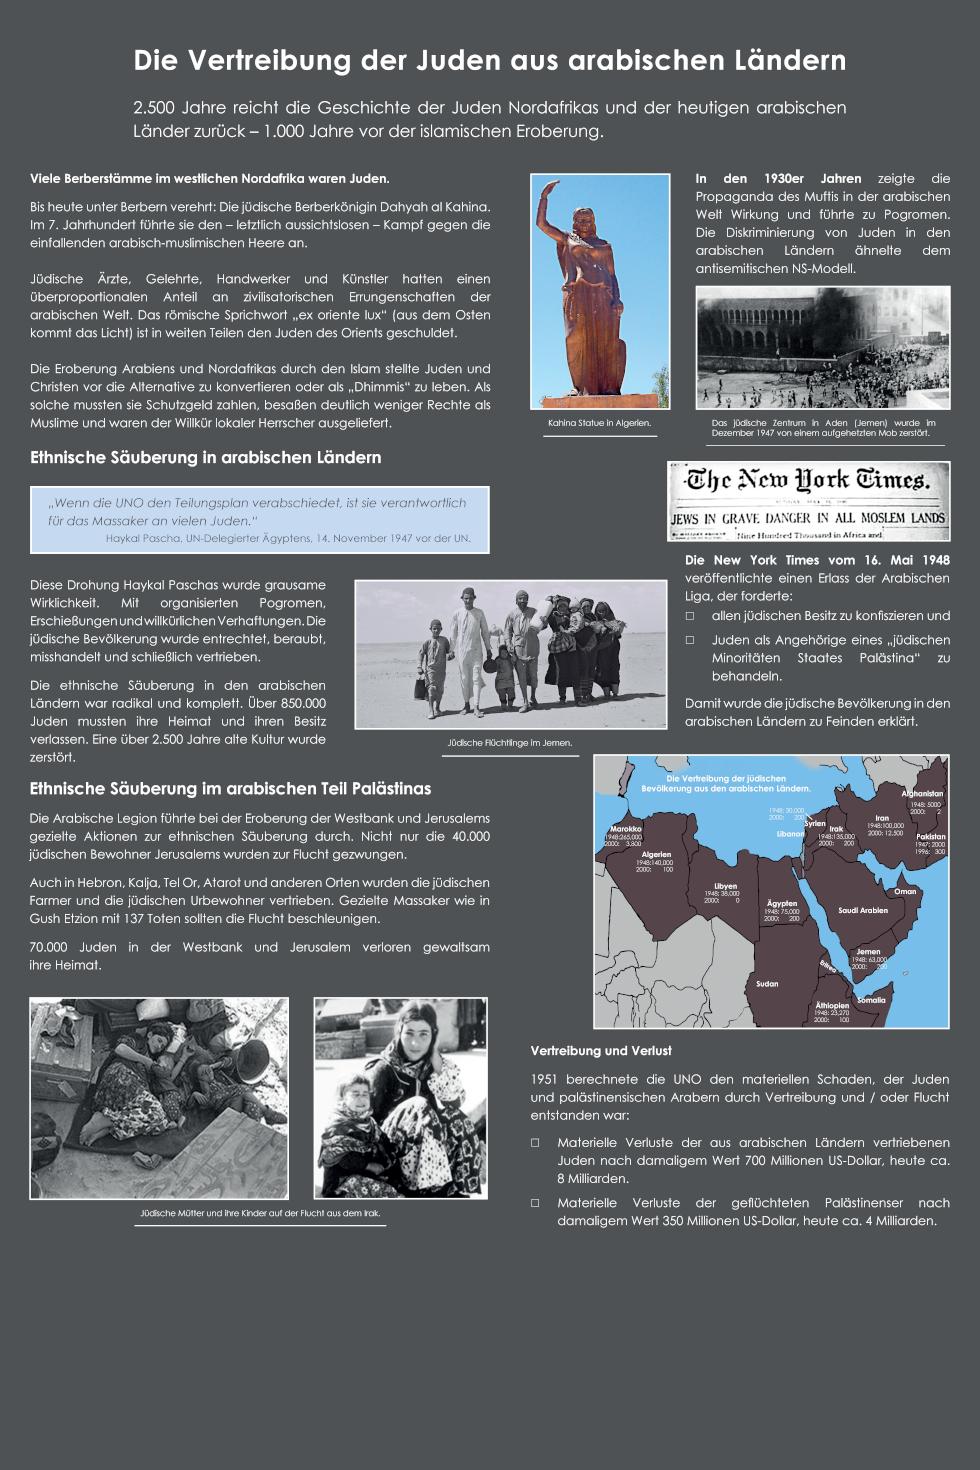 27 Die Vertreibung der Juden aus arabischen Ländern